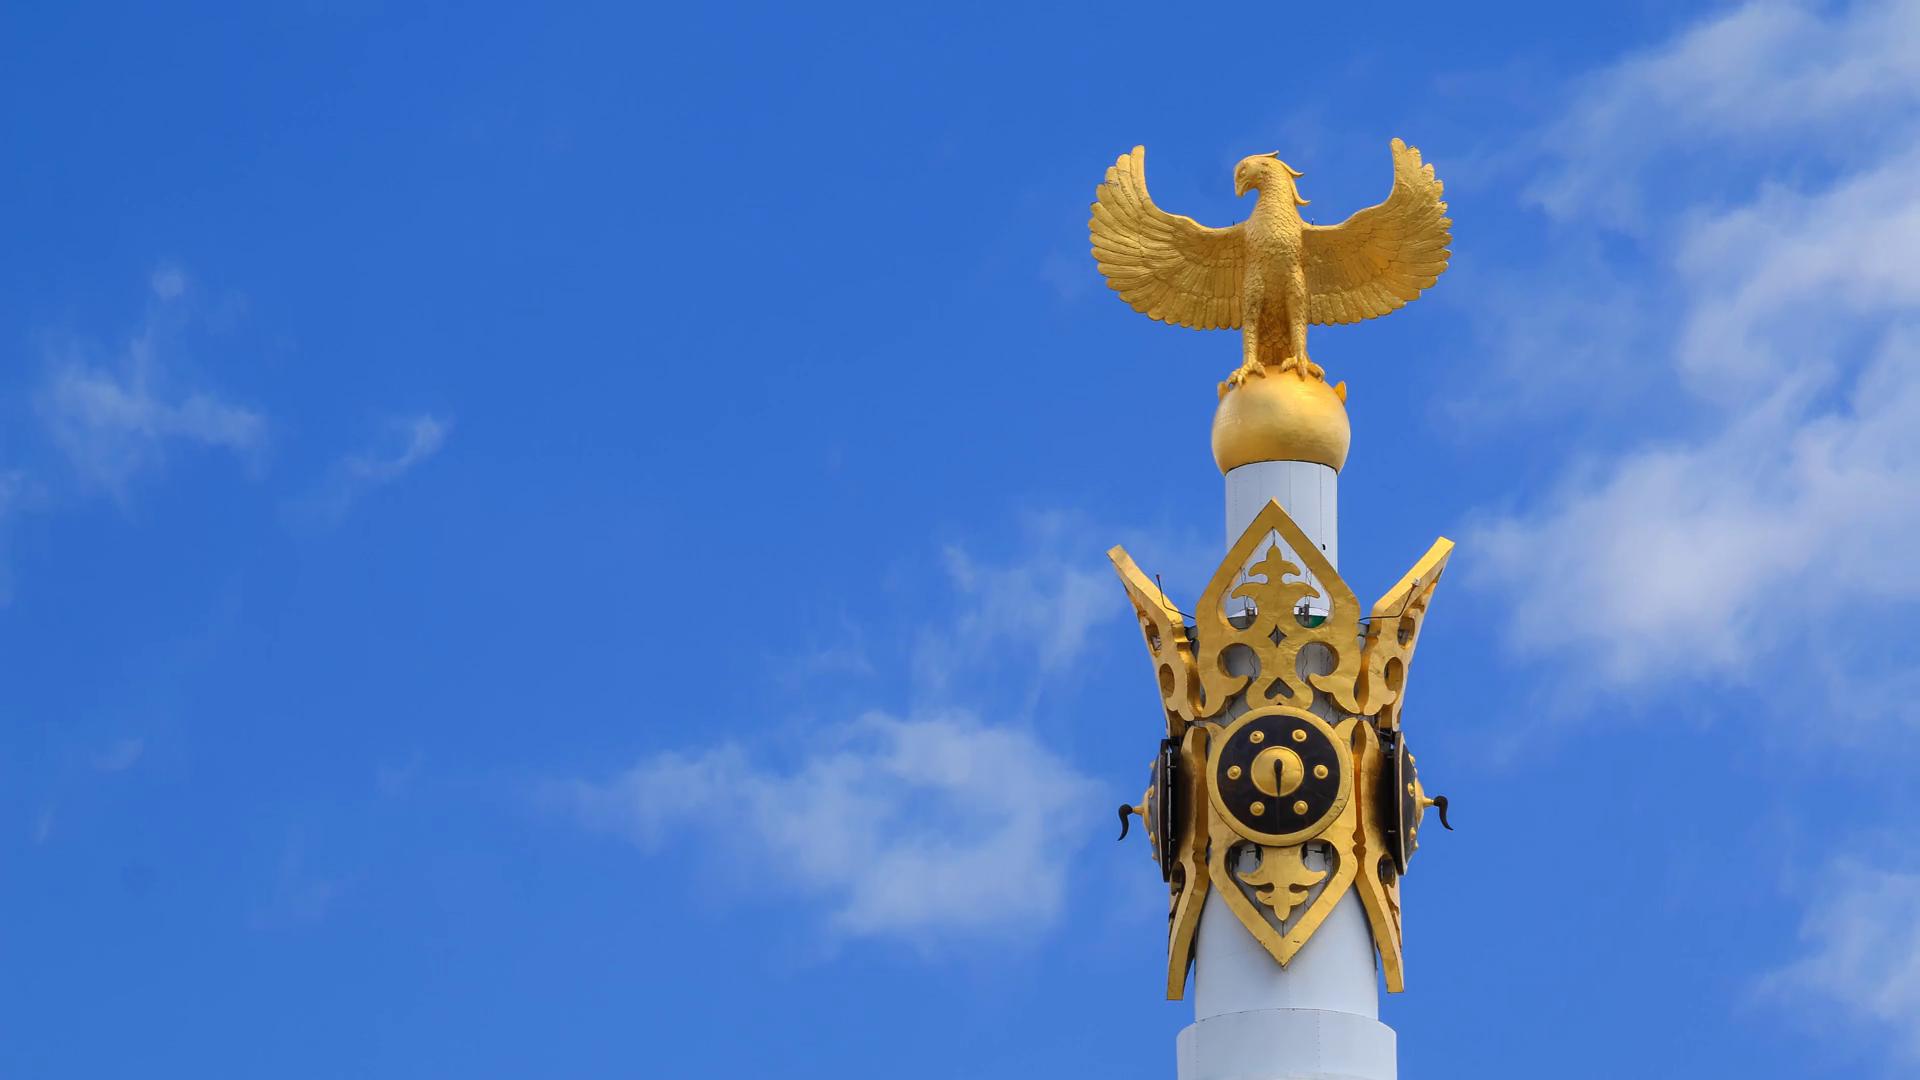 острова фото символы независимости также промывать